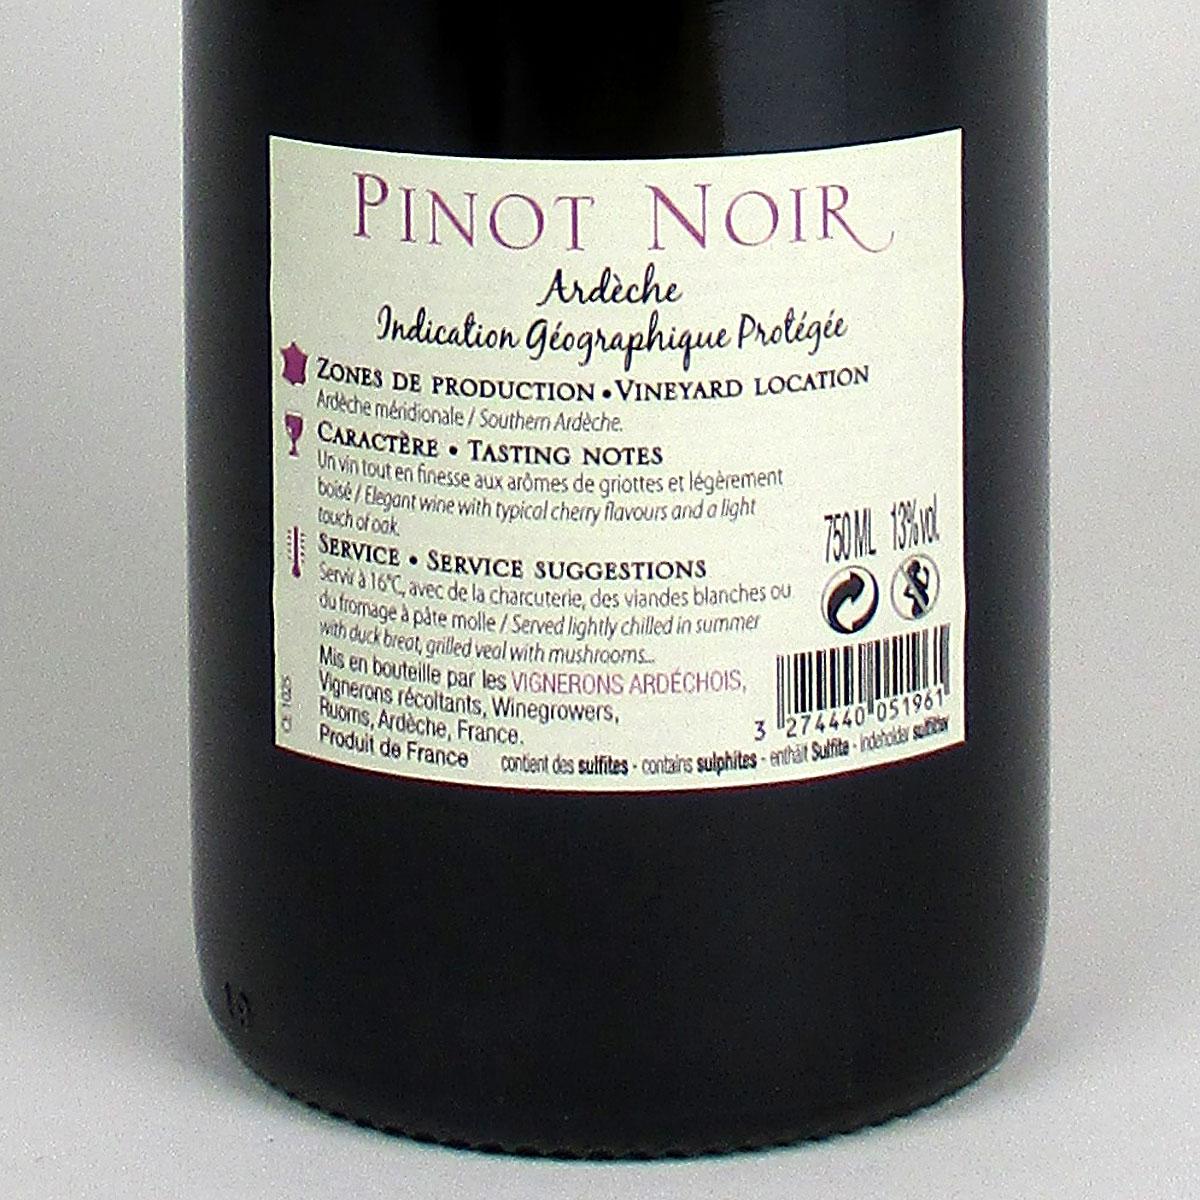 Coteaux de l'Ardèche: Cépage Pinot Noir 2018 - Bottle Rear Label